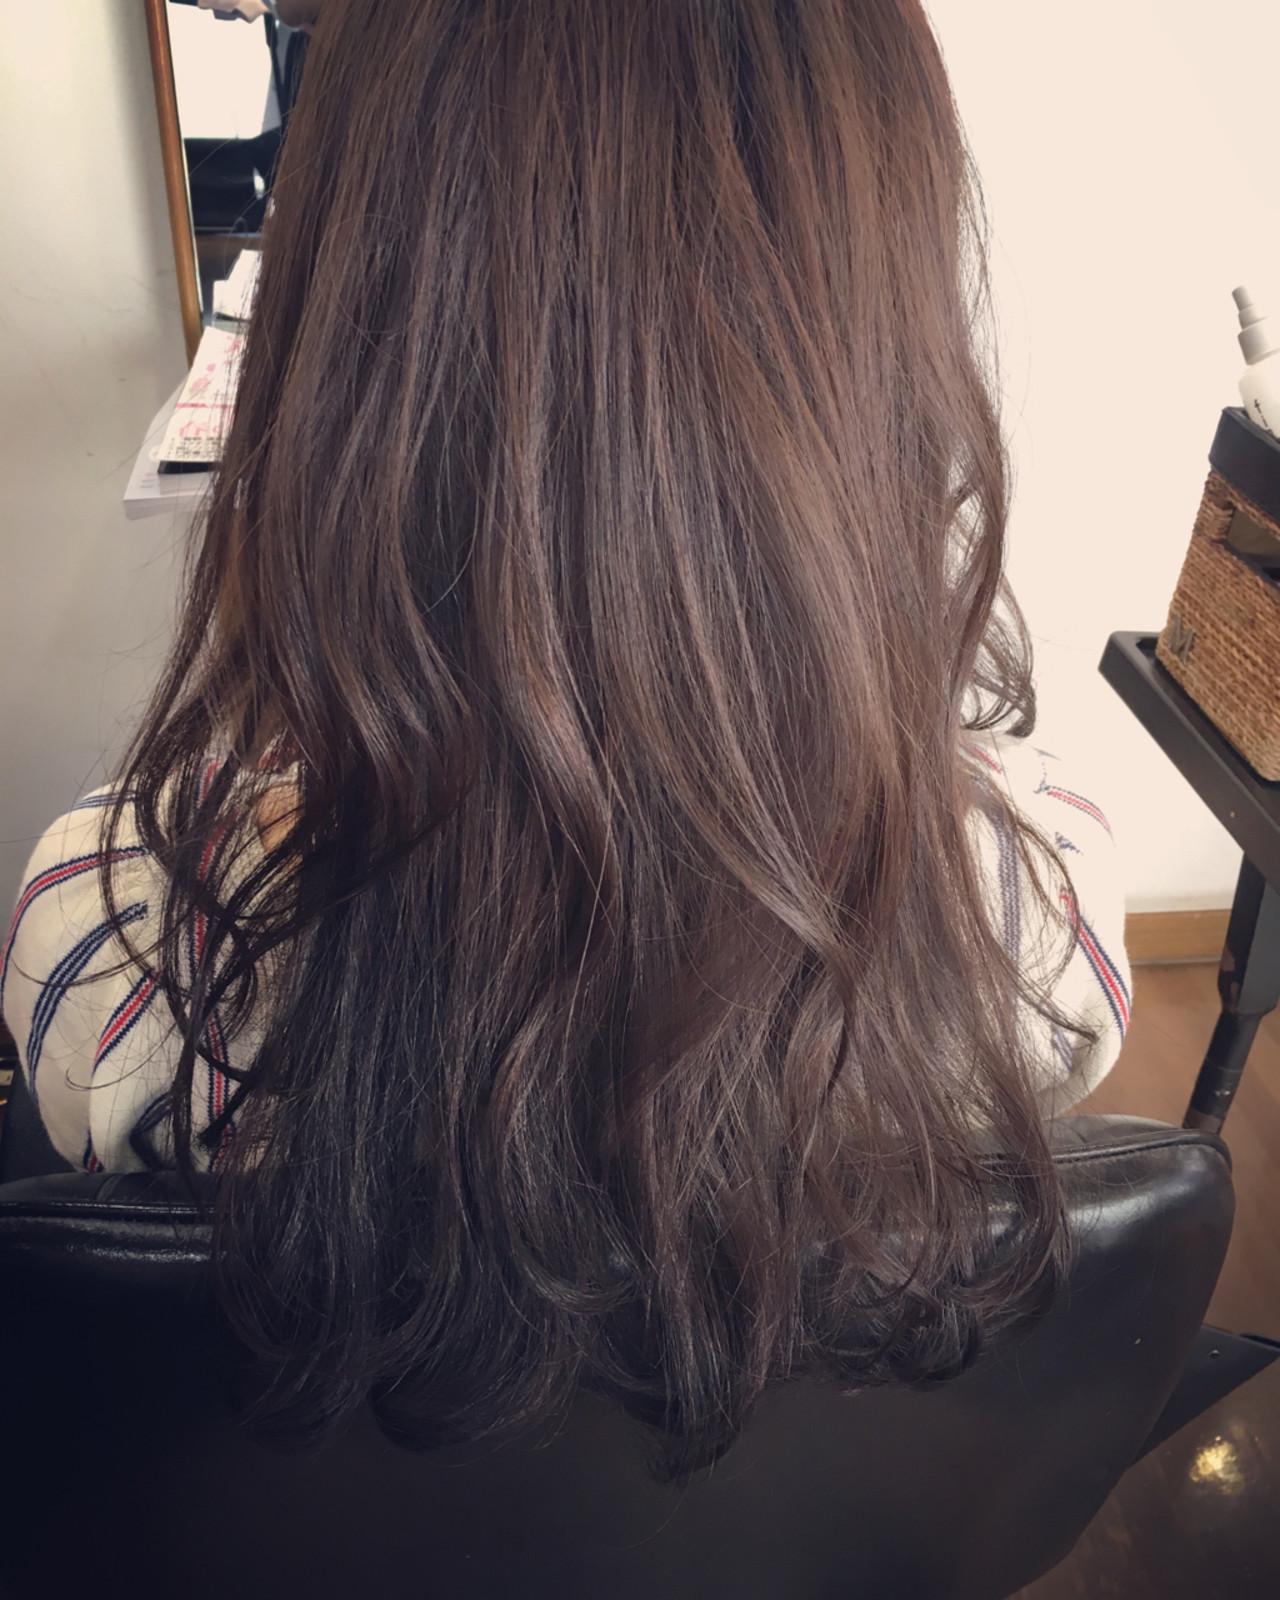 パーマ 斜め前髪 デート ロング ヘアスタイルや髪型の写真・画像